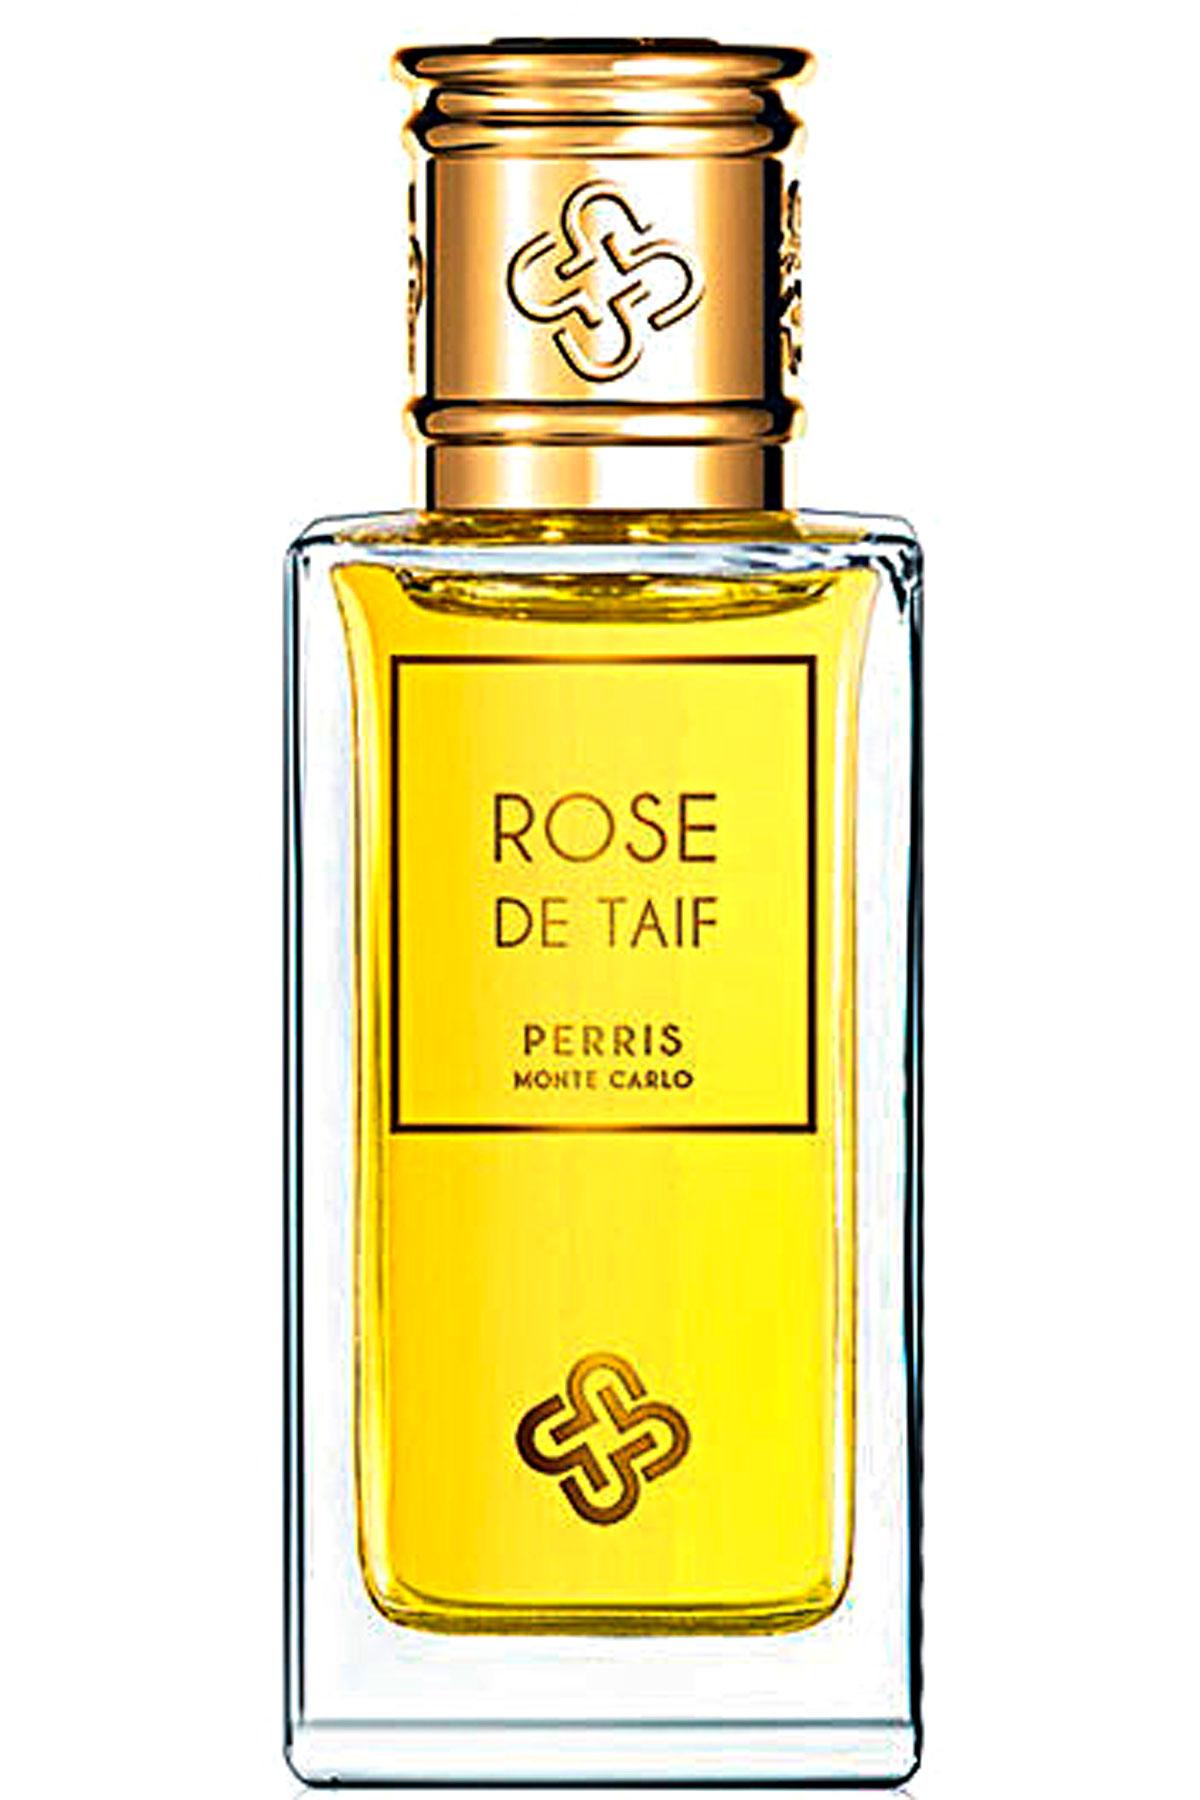 Perris Monte Carlo Fragrances for Men, Rose De Taif - Extrait De Parfum - 50 Ml, 2019, 50 ml